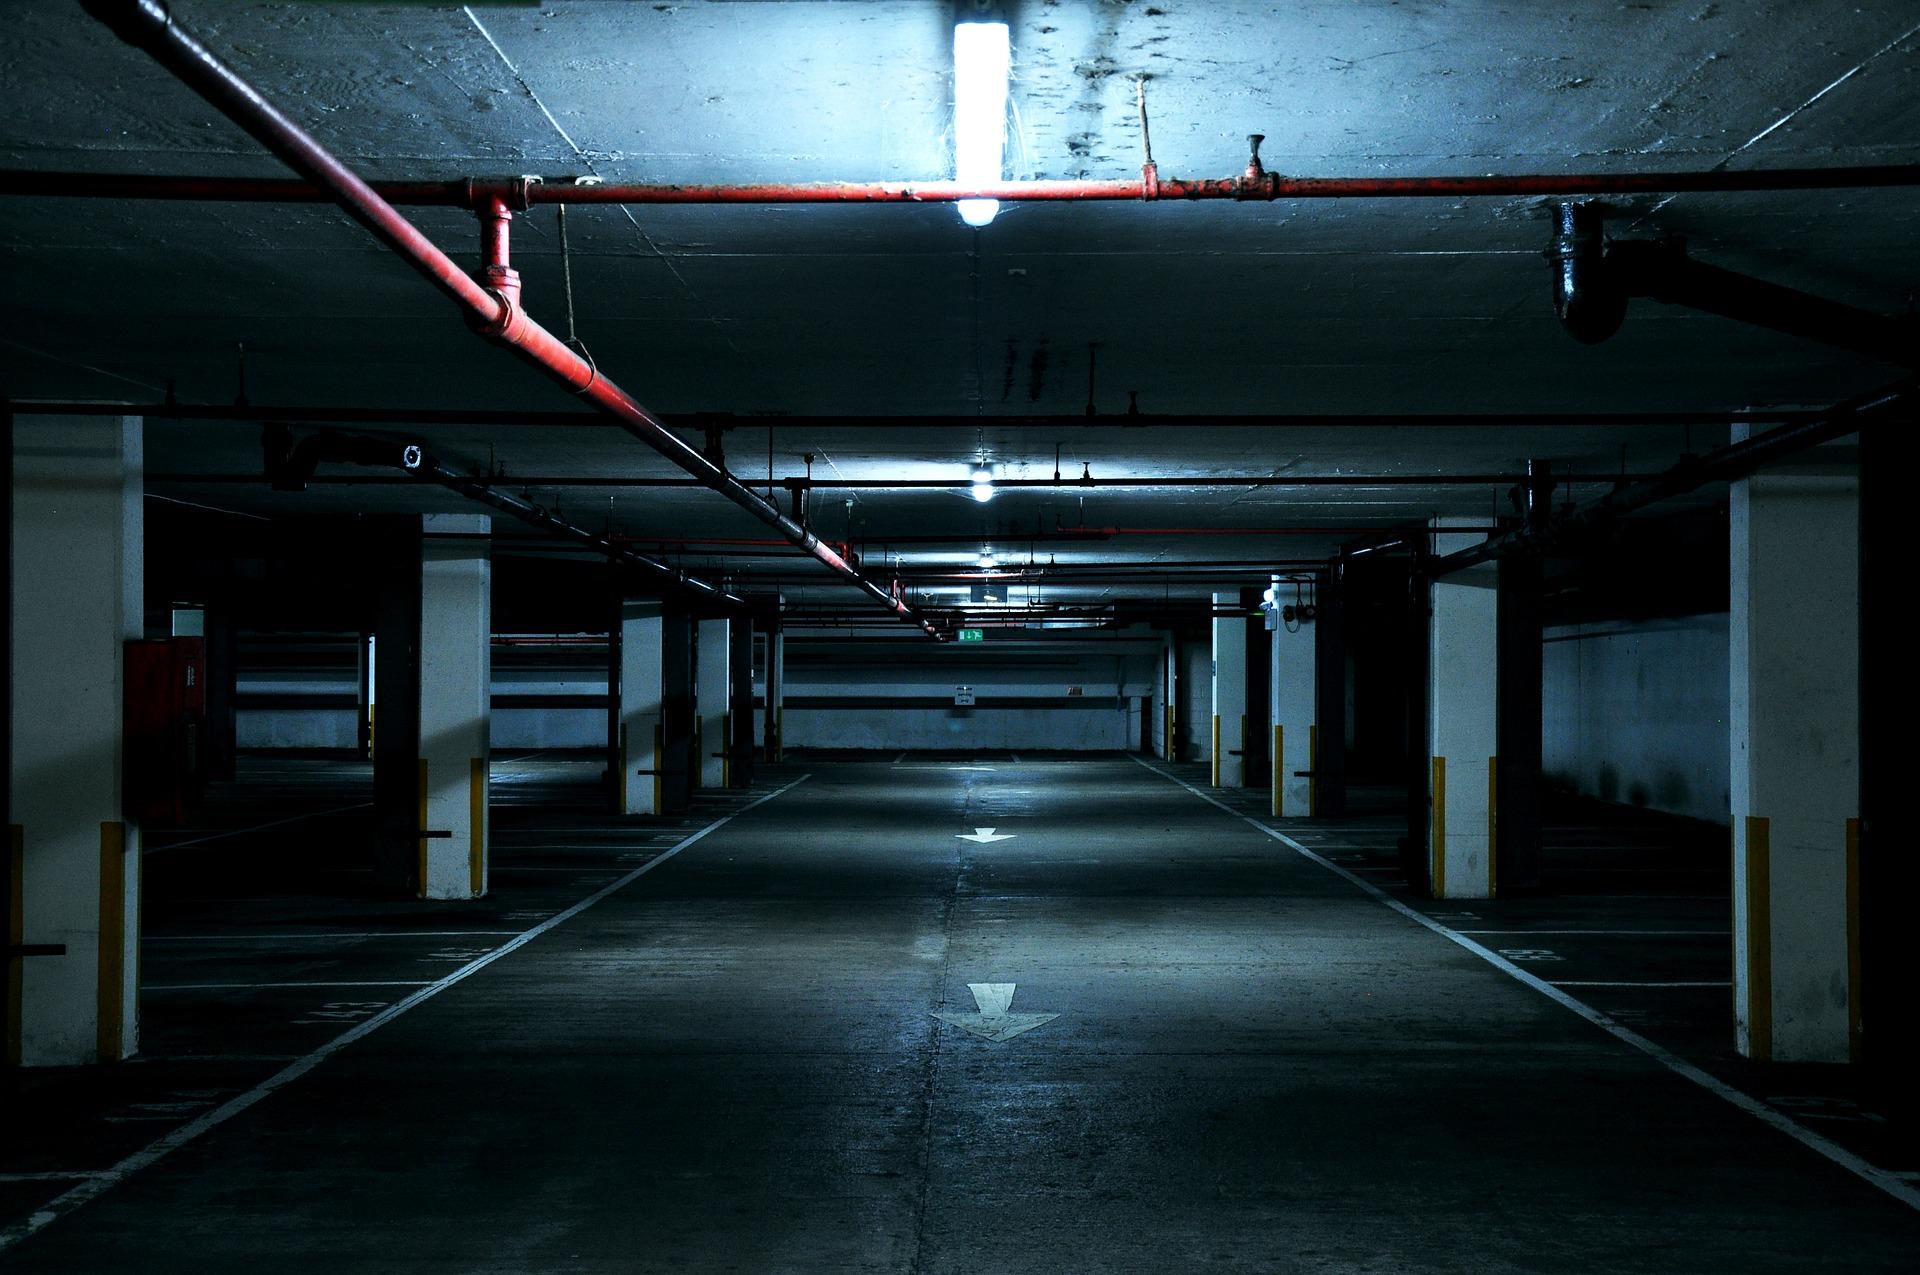 dark-1867089_1920